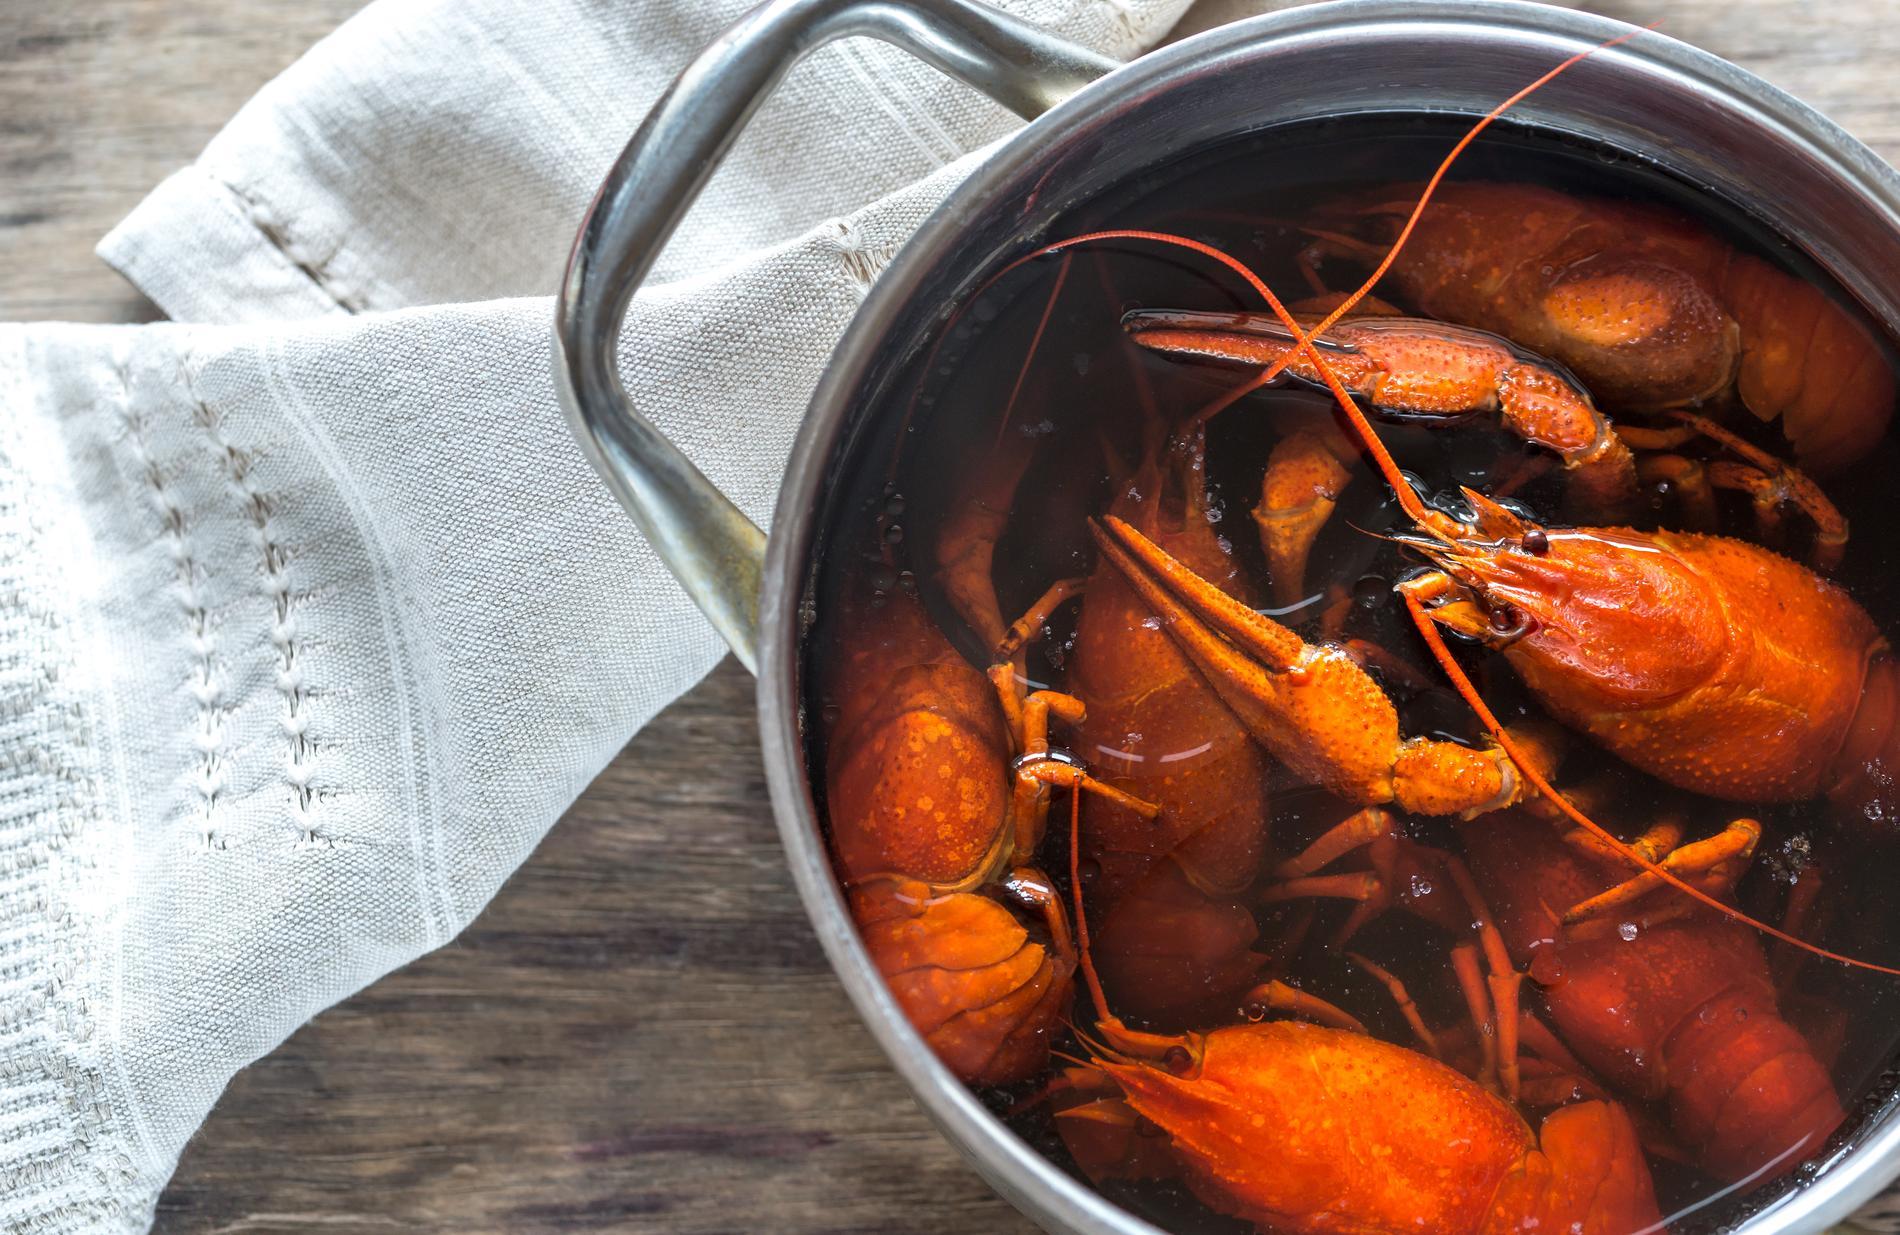 Petit pr cis sur l art de cuire et de cuisiner le homard - Comment cuisiner le homard ...